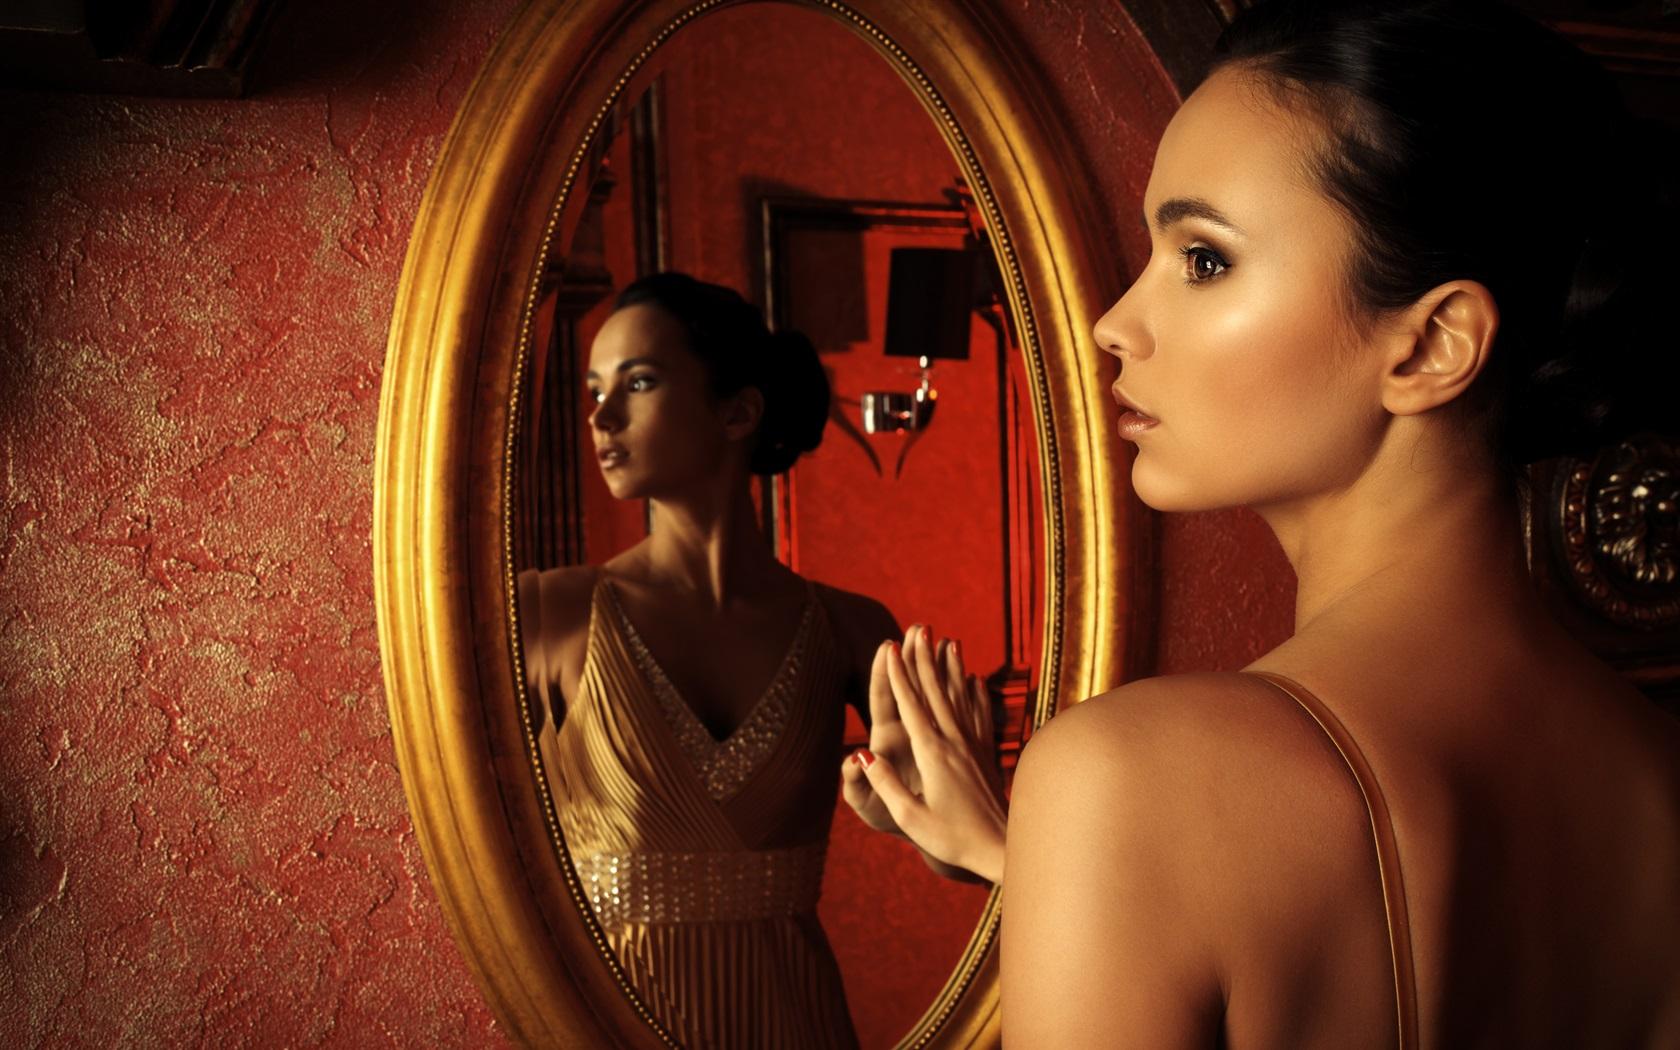 Видеть во сне зеркало — предвестие скорого замужества, а для людей состоящих в браке такой сон означает измену.